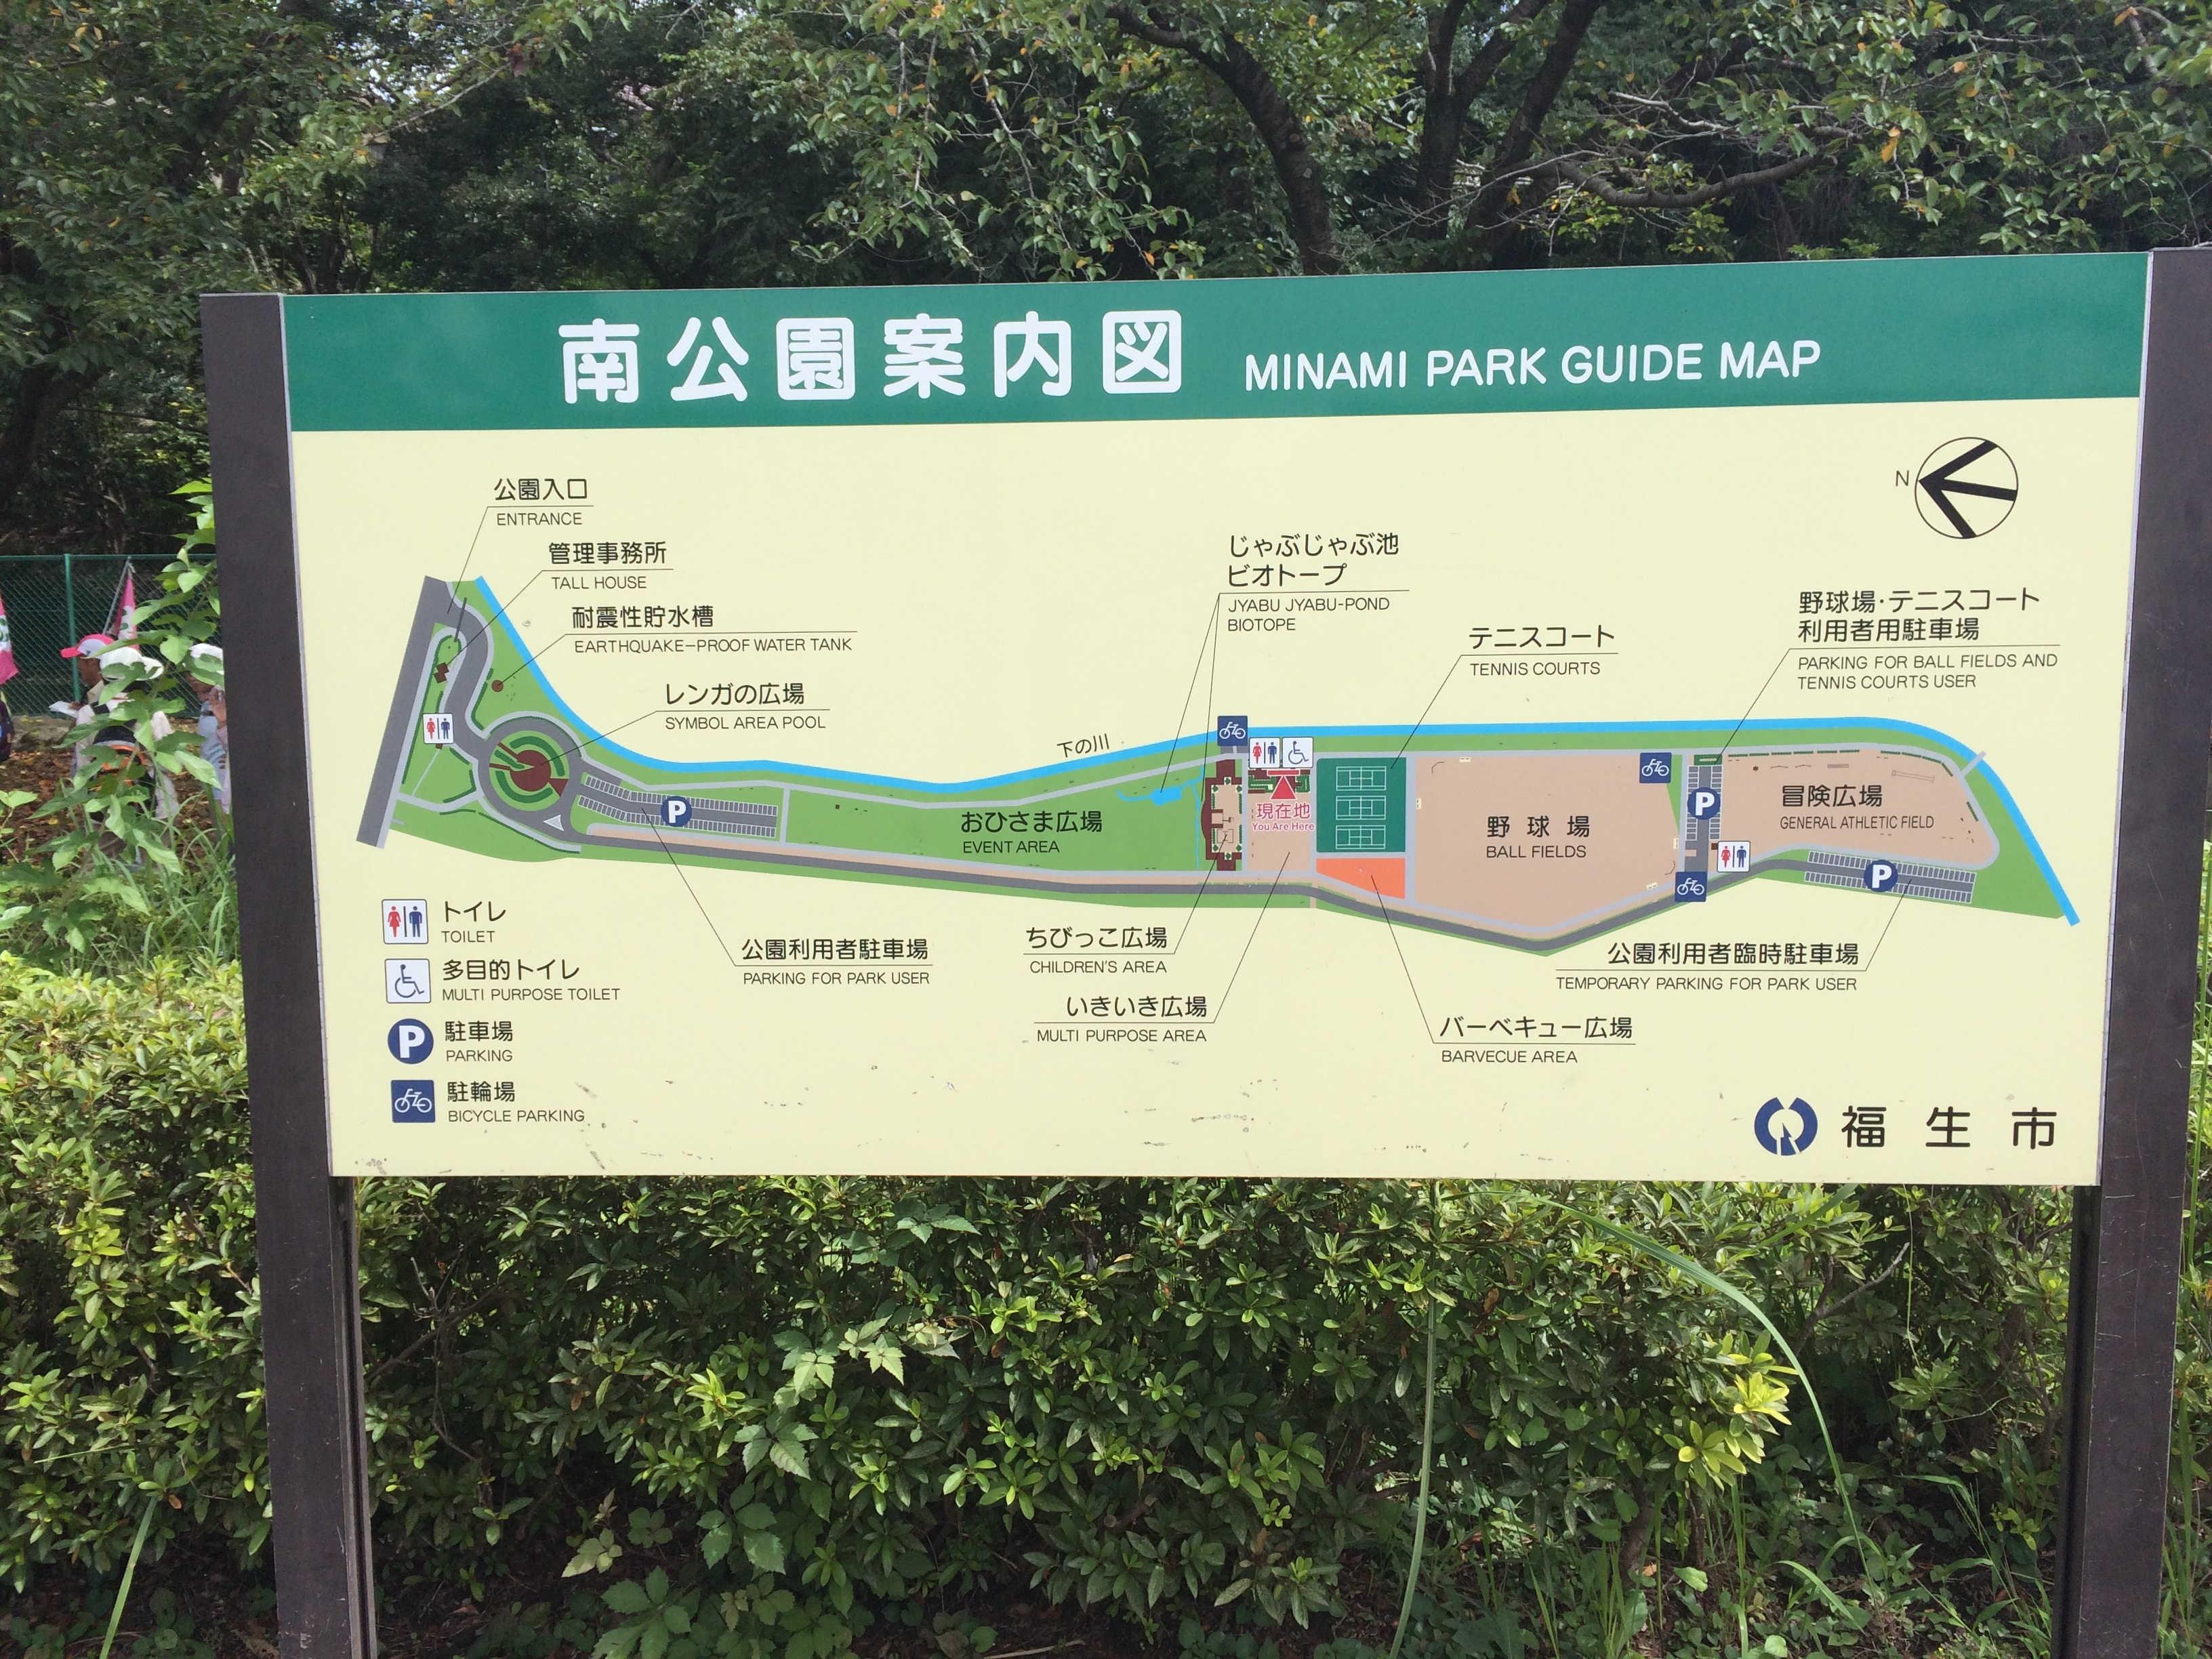 玉川緑地福生南公園